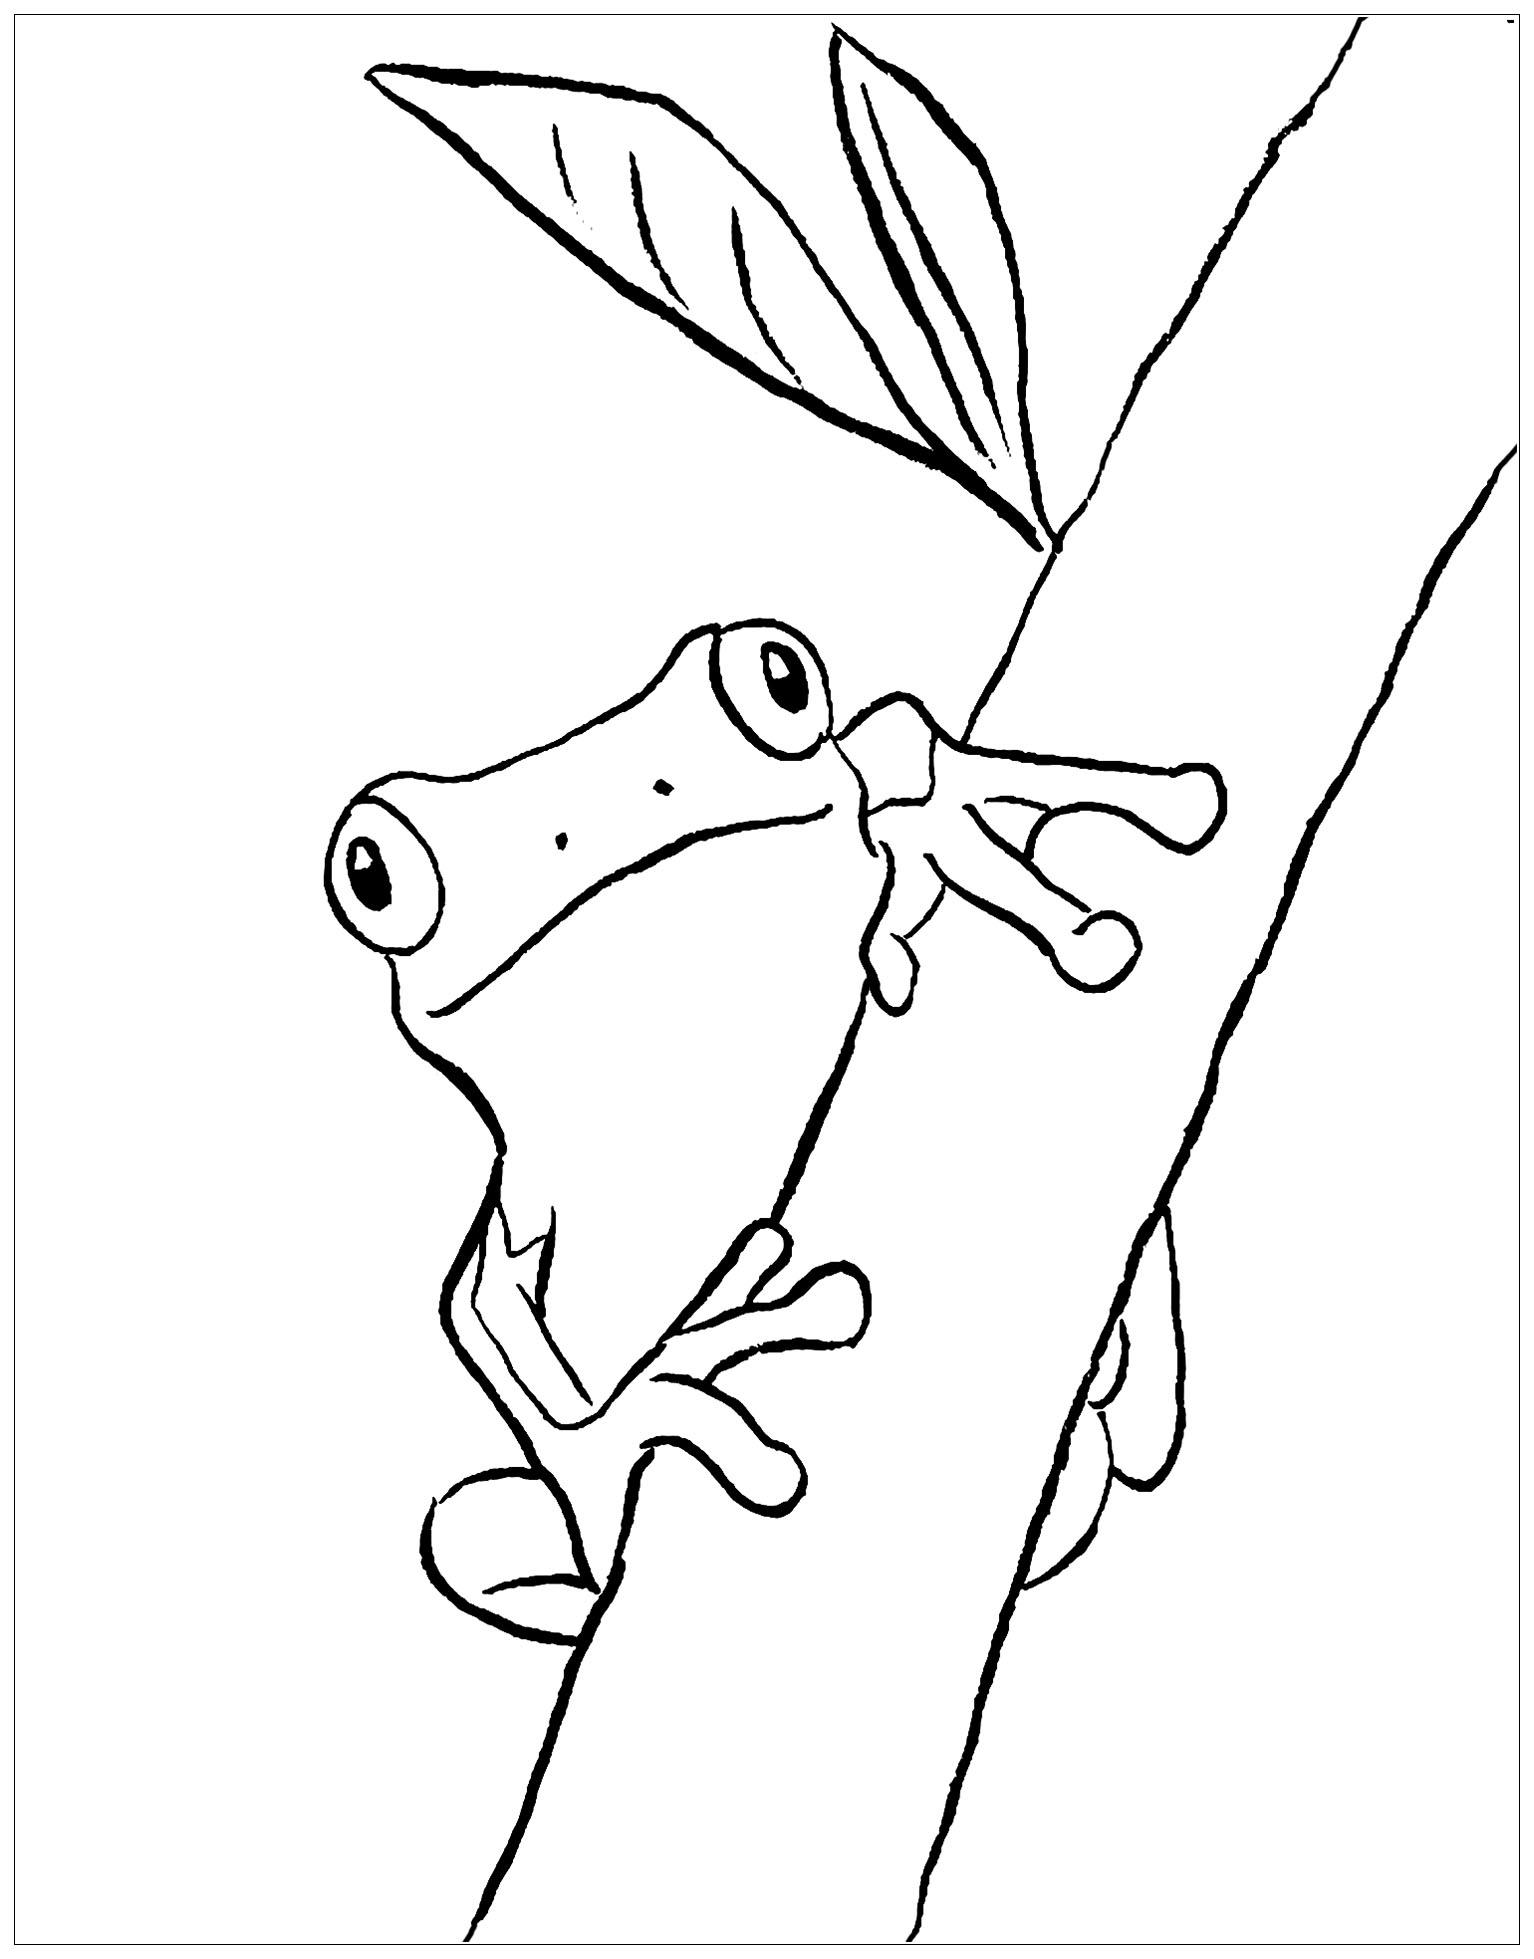 Dessin de grenouille gratuit à imprimer et colorier - Coloriage de